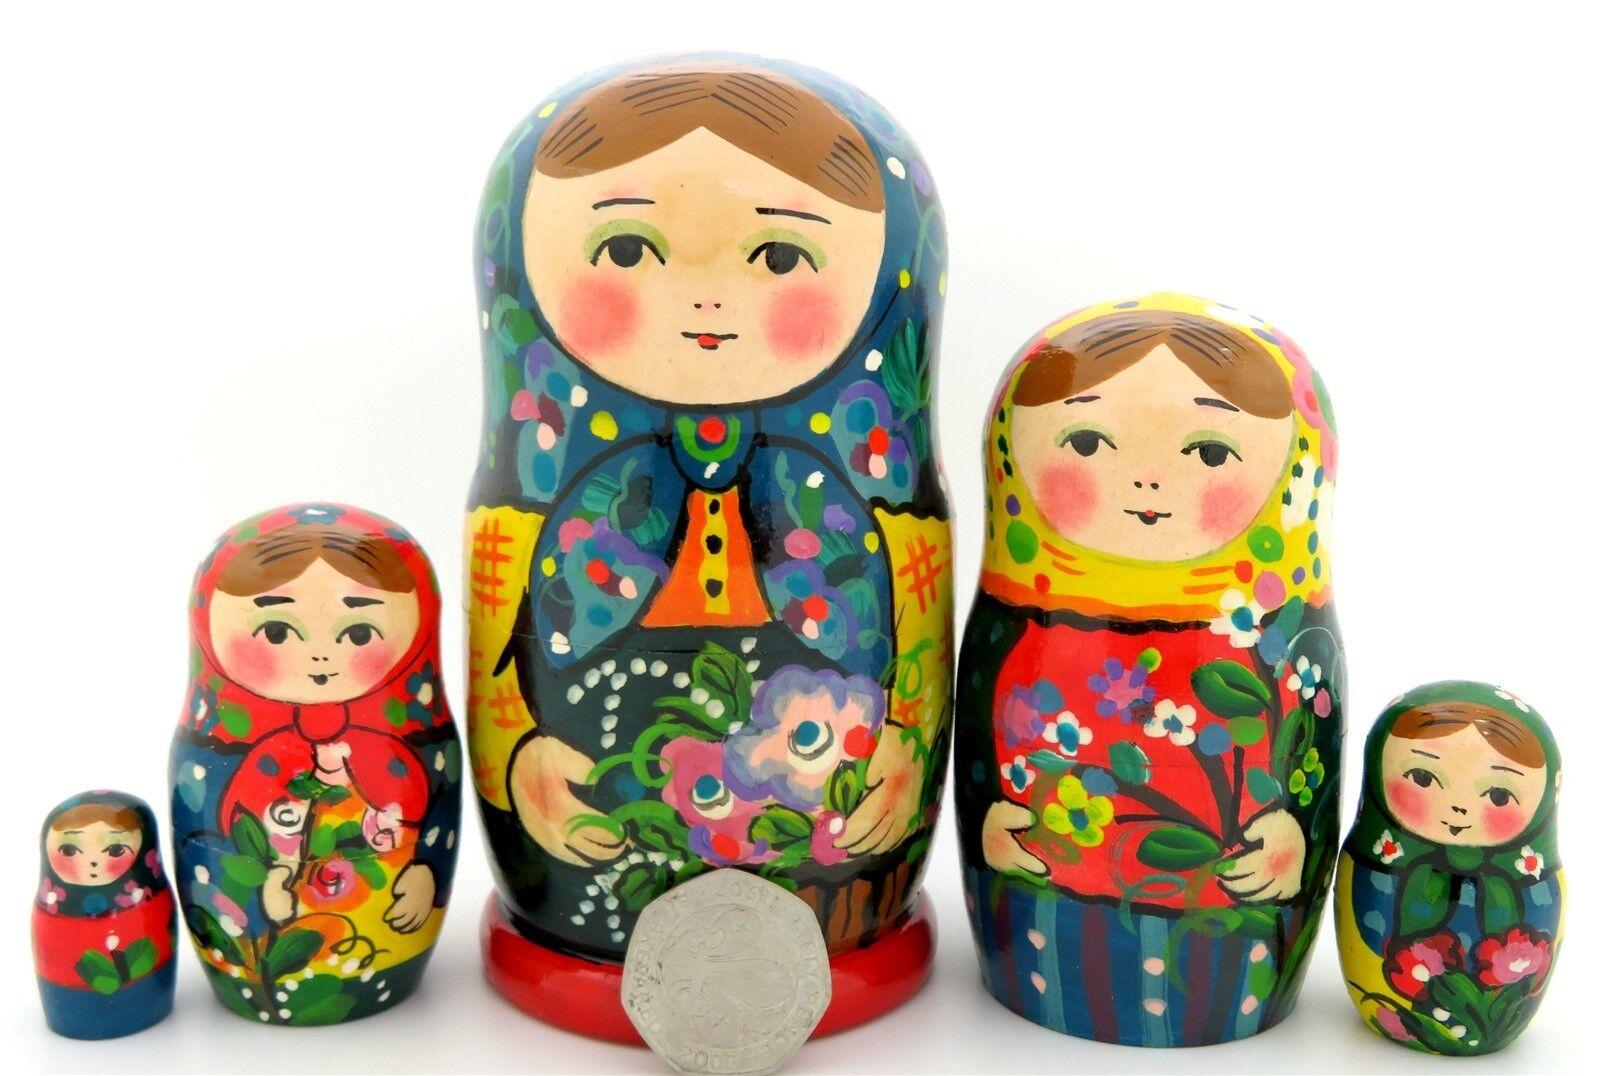 Muñecas-caja Rusas 5 Pintado a Mano Mate Babushka & Rowan Invierno Niñas Ryabova